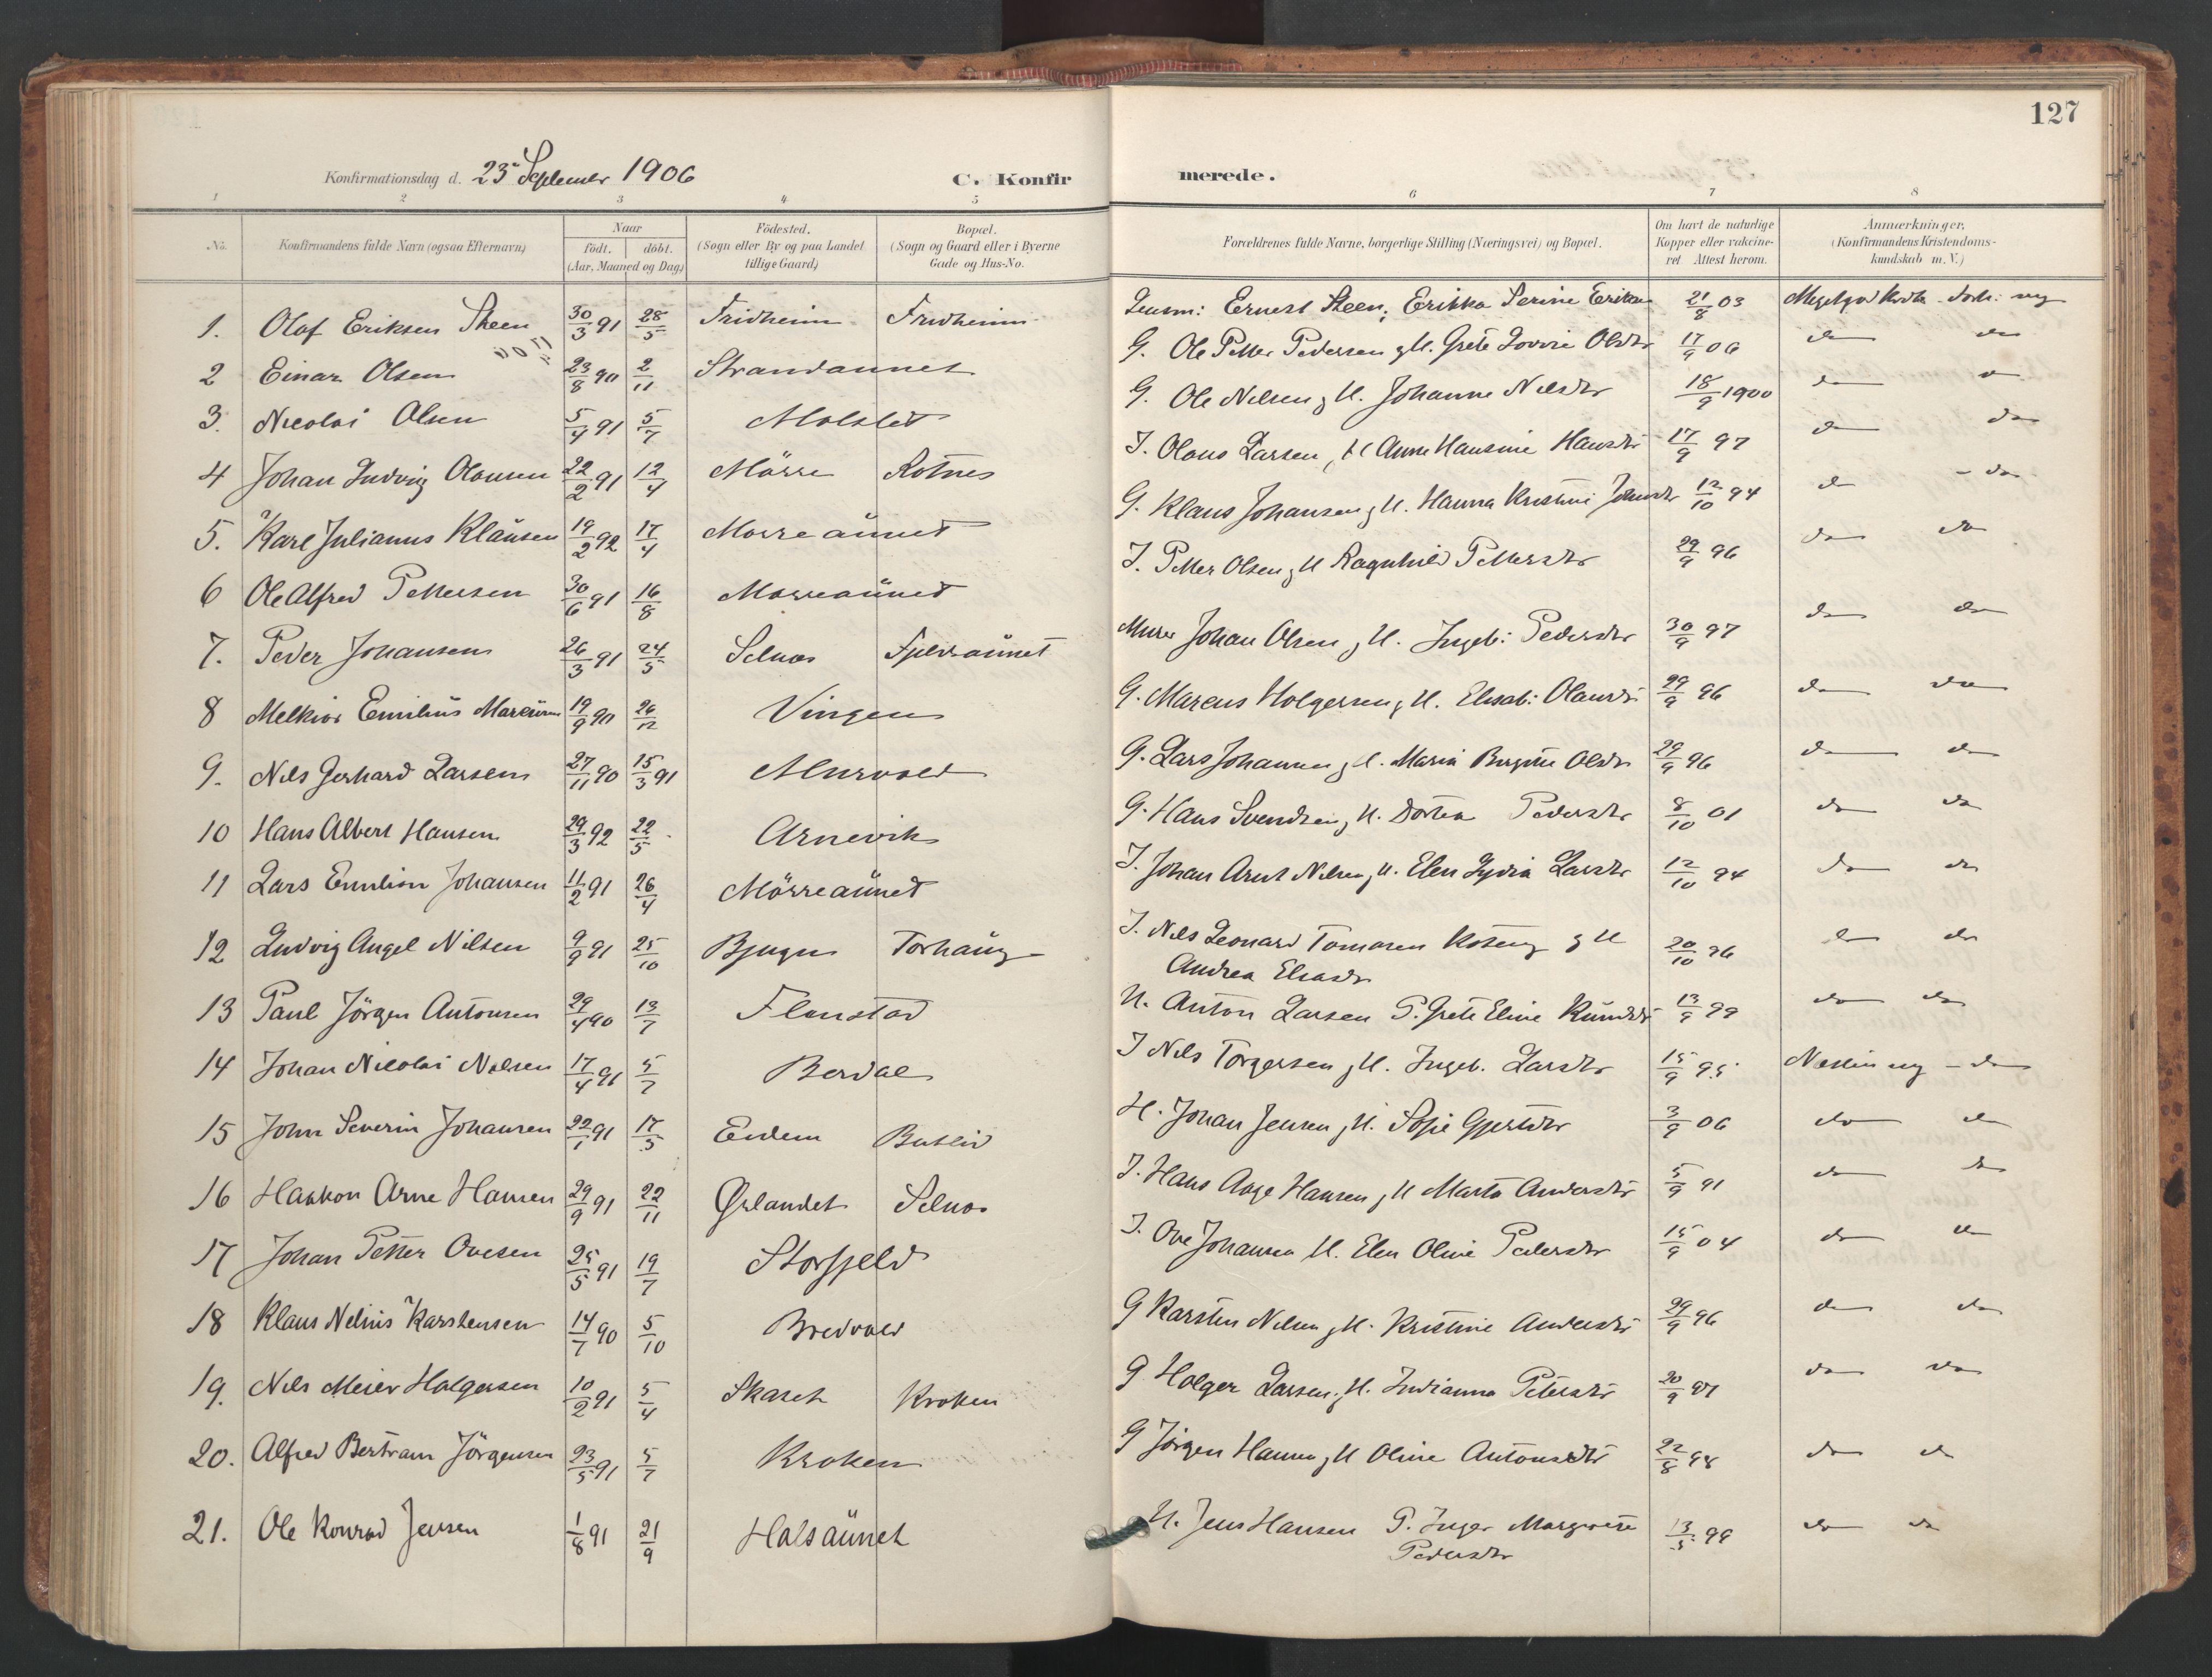 SAT, Ministerialprotokoller, klokkerbøker og fødselsregistre - Sør-Trøndelag, 655/L0681: Ministerialbok nr. 655A10, 1895-1907, s. 127